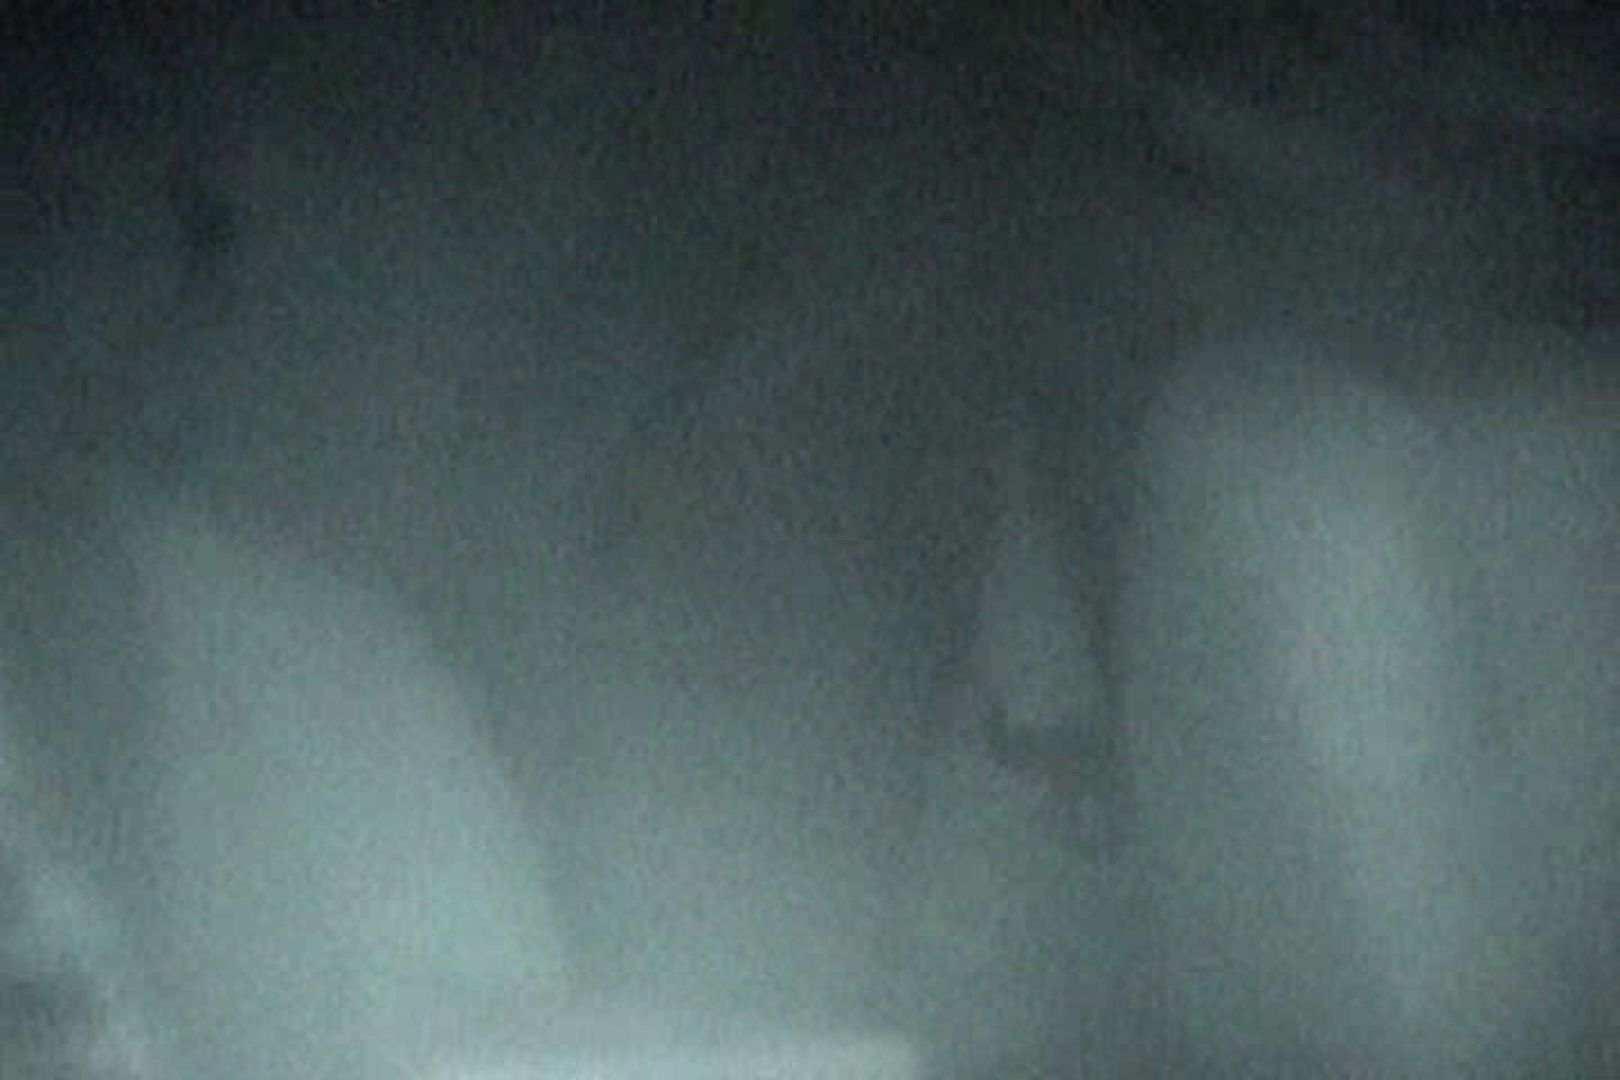 充血監督の深夜の運動会Vol.147 エッチなセックス | 車の中のカップル  89画像 76